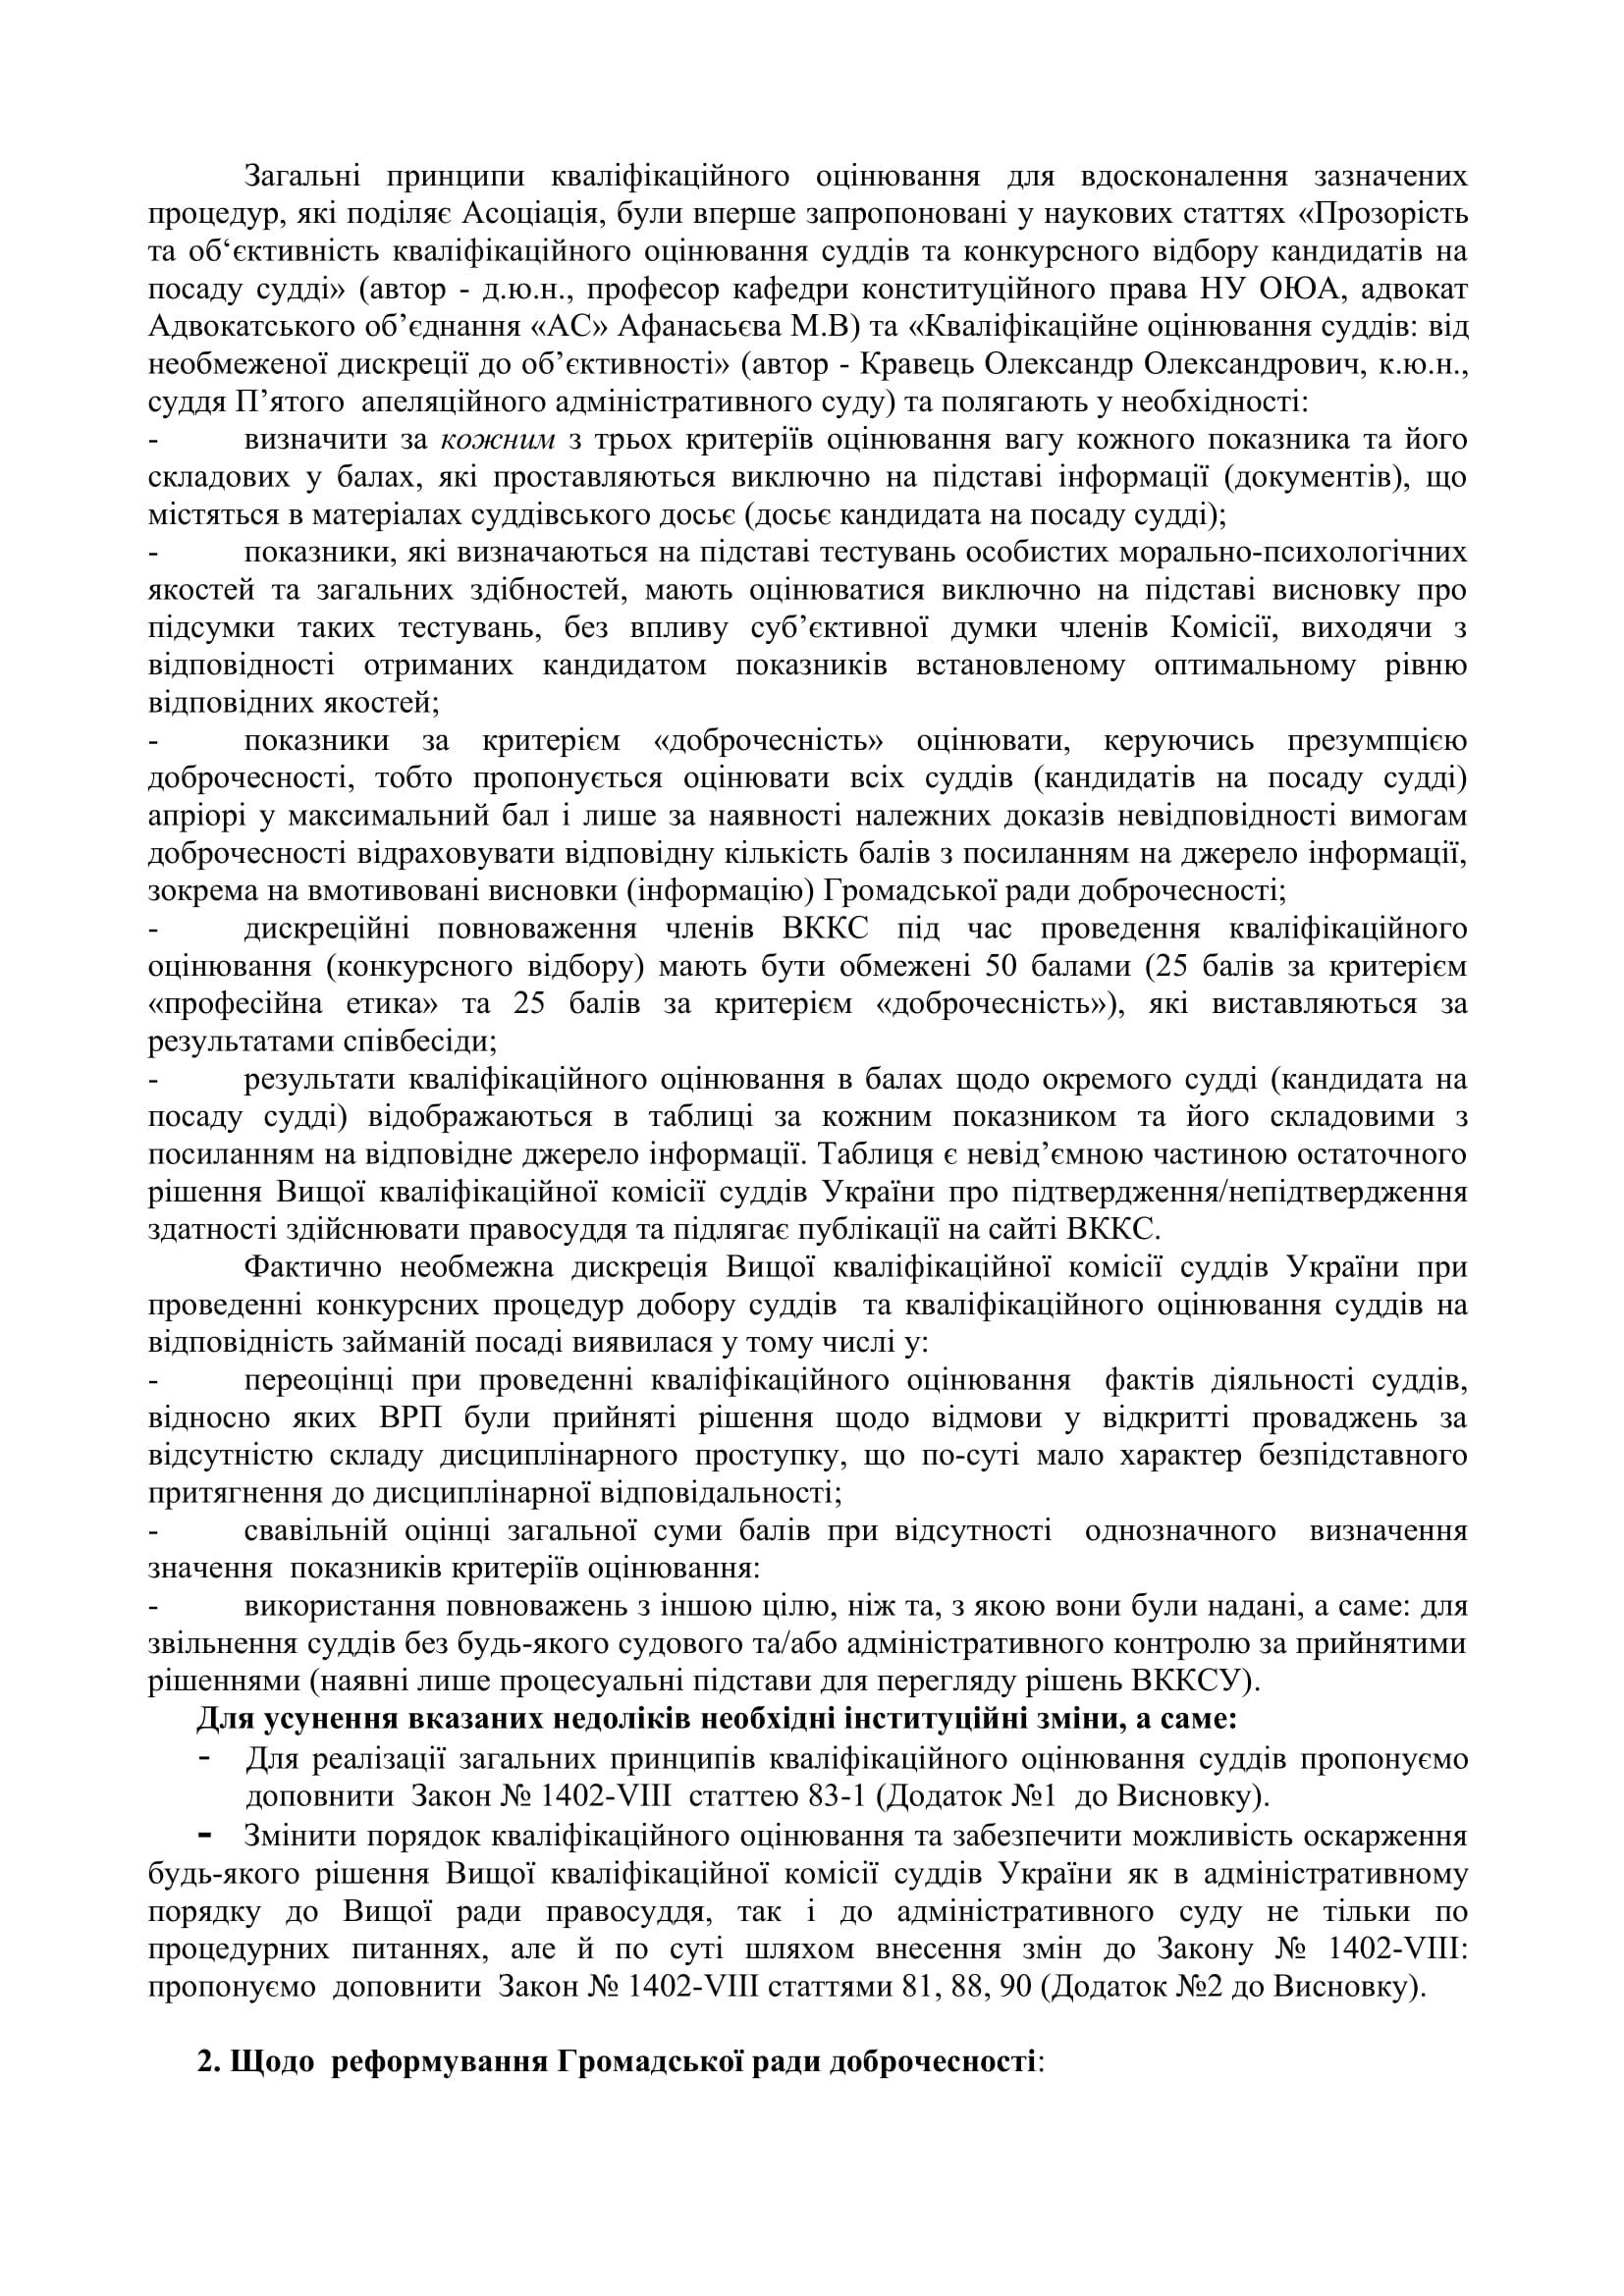 Висновок-АРССУ-щодо-№ 3534-21.07.2020-02